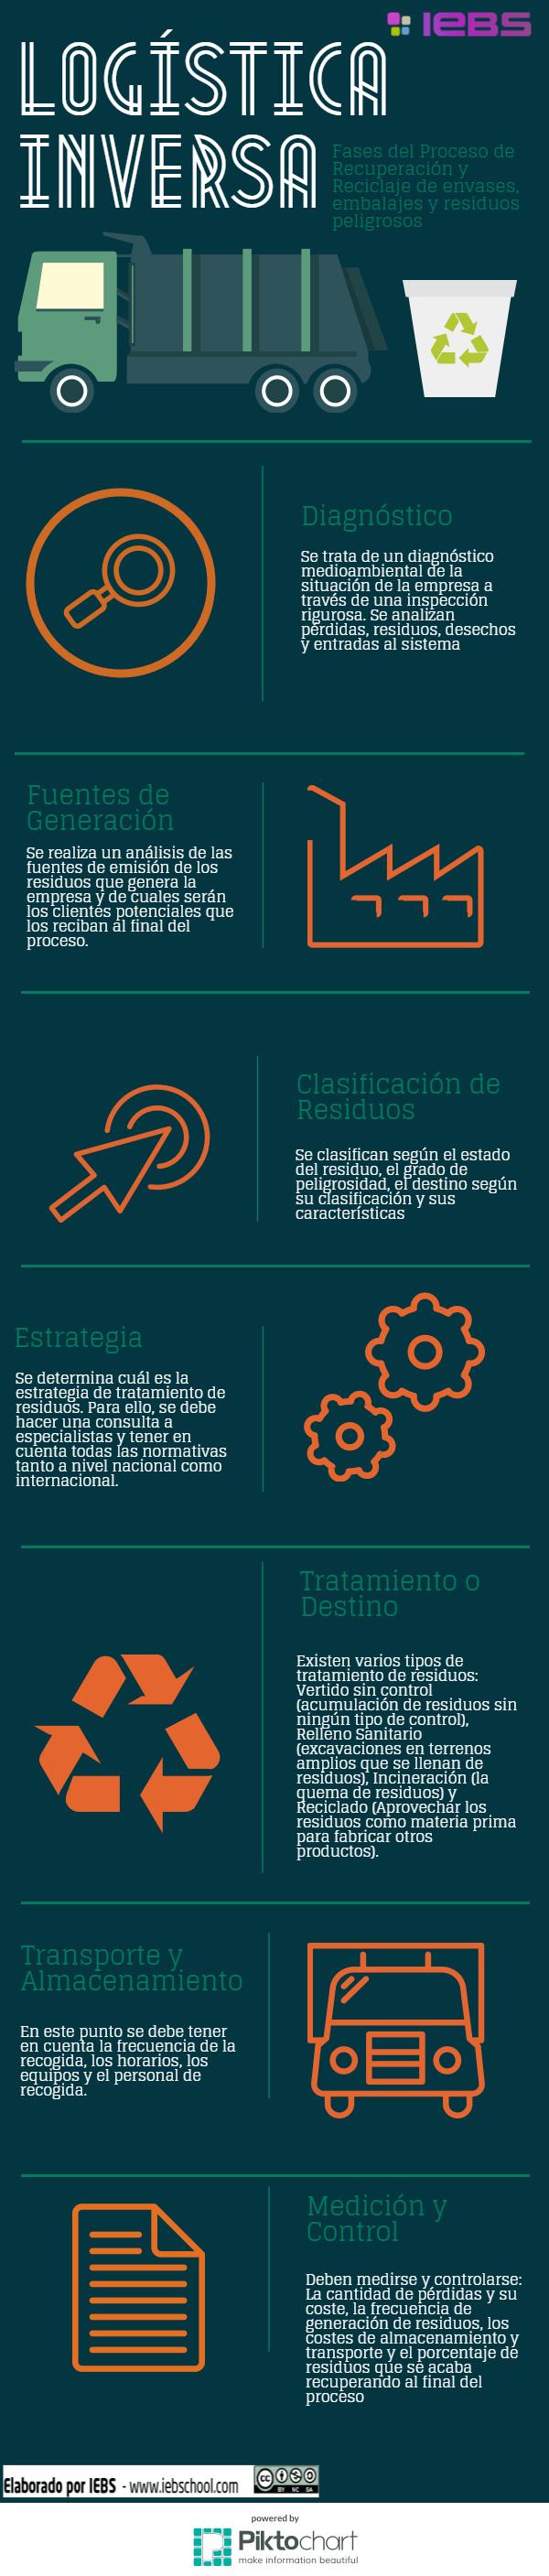 Sobre la Logística Inversa y sus fases [infografía]